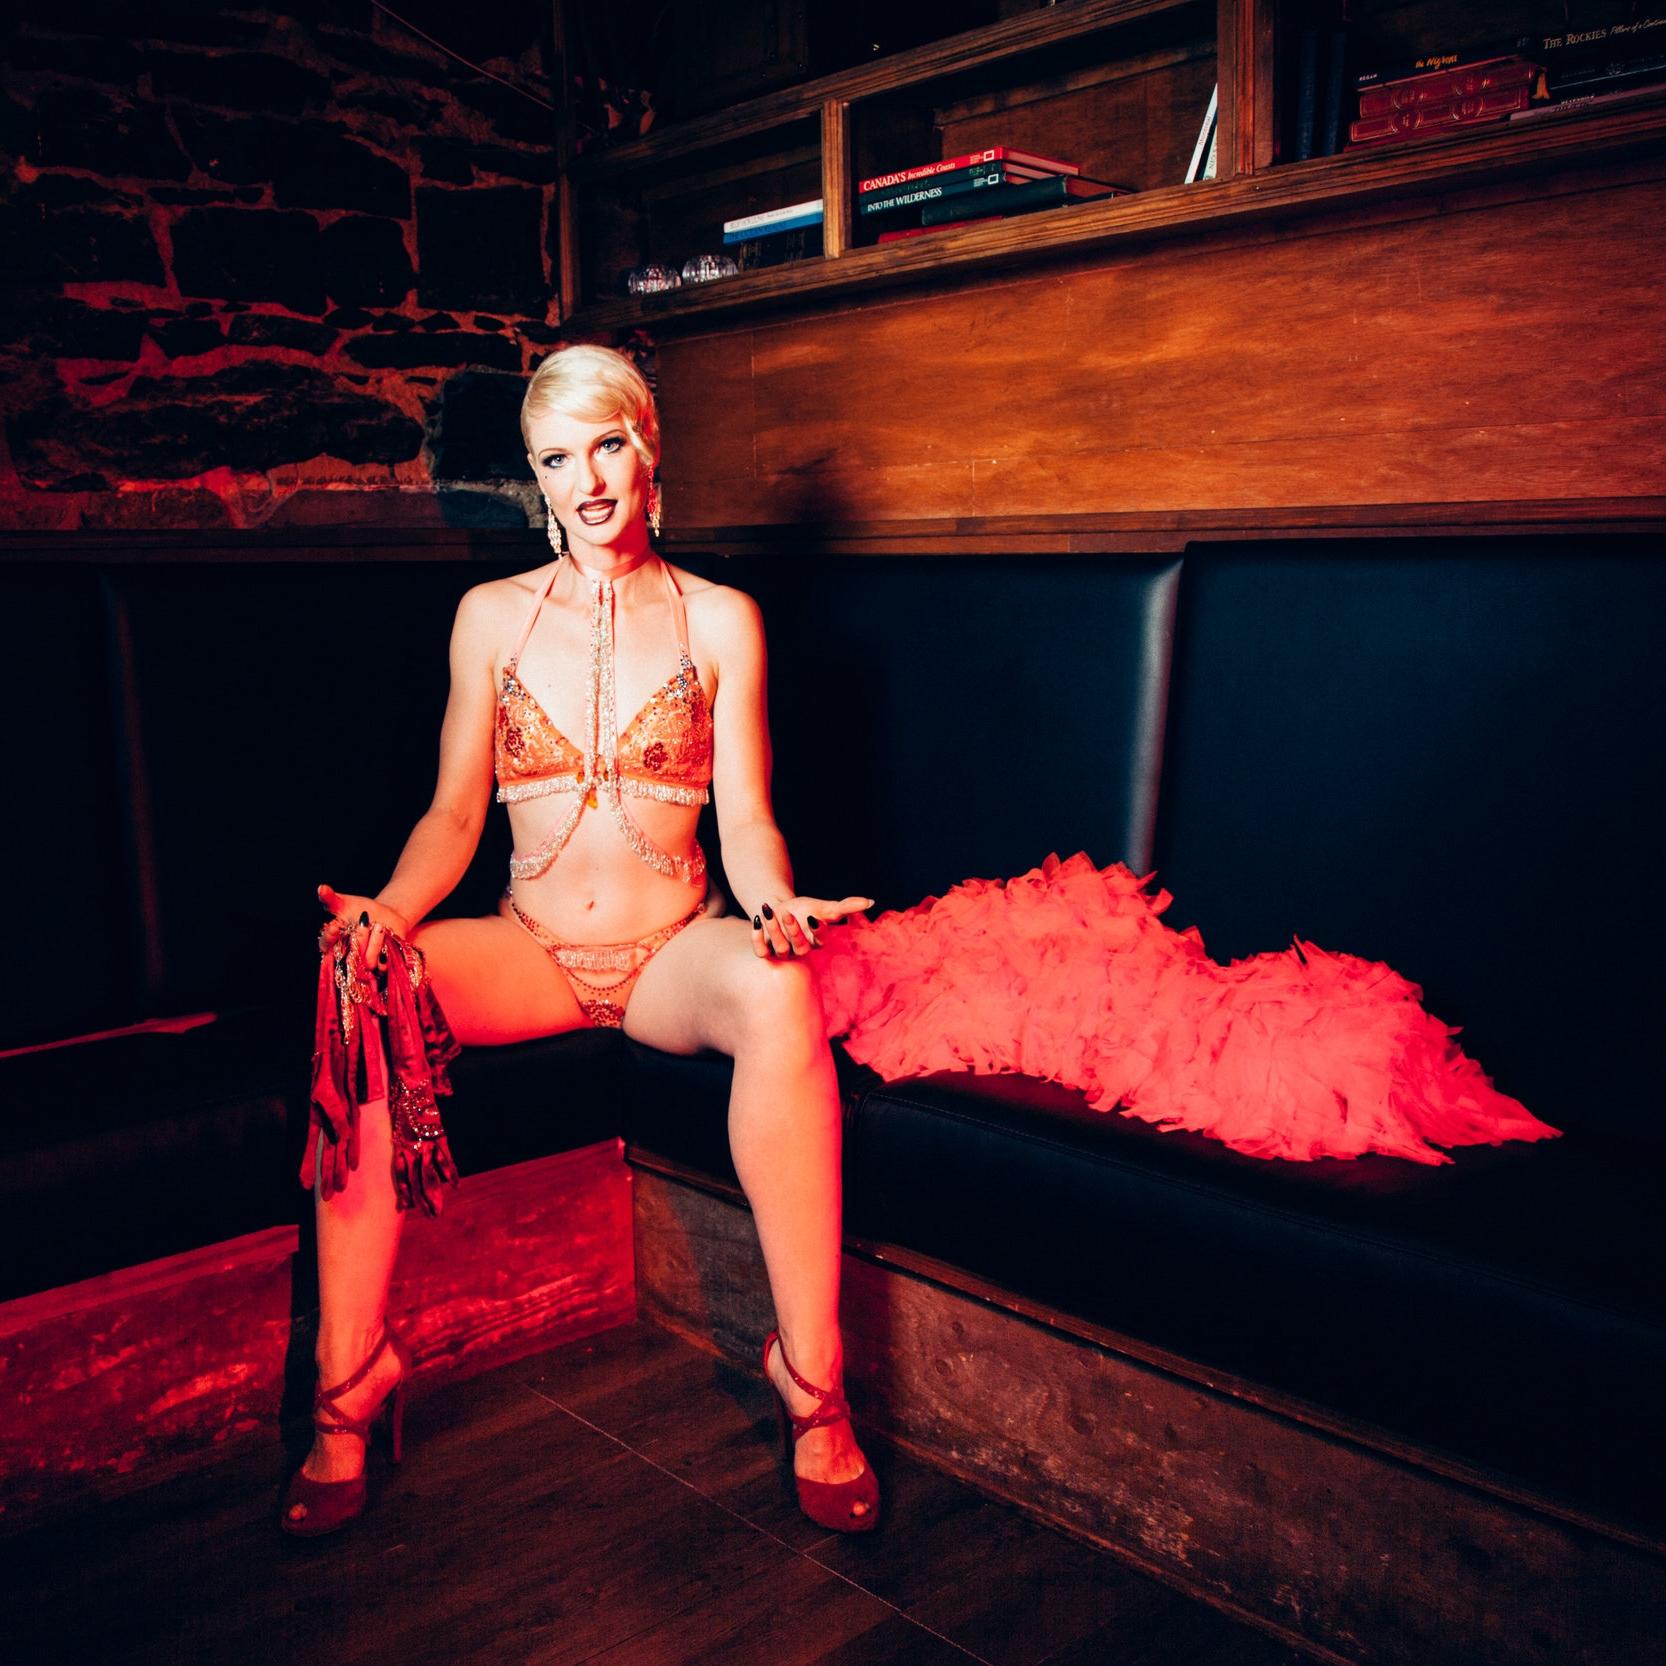 THE LADY JOSEPHINE - Josephine est une artiste de burlesque primée et une entrepreneure de grande envergure dans son domaine. En 2014 et 2017, elle s'intègre parmi les plus grands noms du burlesque dans la compétition du Burlesque Hall of Fame à Las Vegas et obtient une place parmi les 10 artistes burlesque les plus populaires au Canada.Joséphine enseigne les classe de #burleskfitness, tease 101, danse burlesque 201 et Class BPhoto par Mary Elam